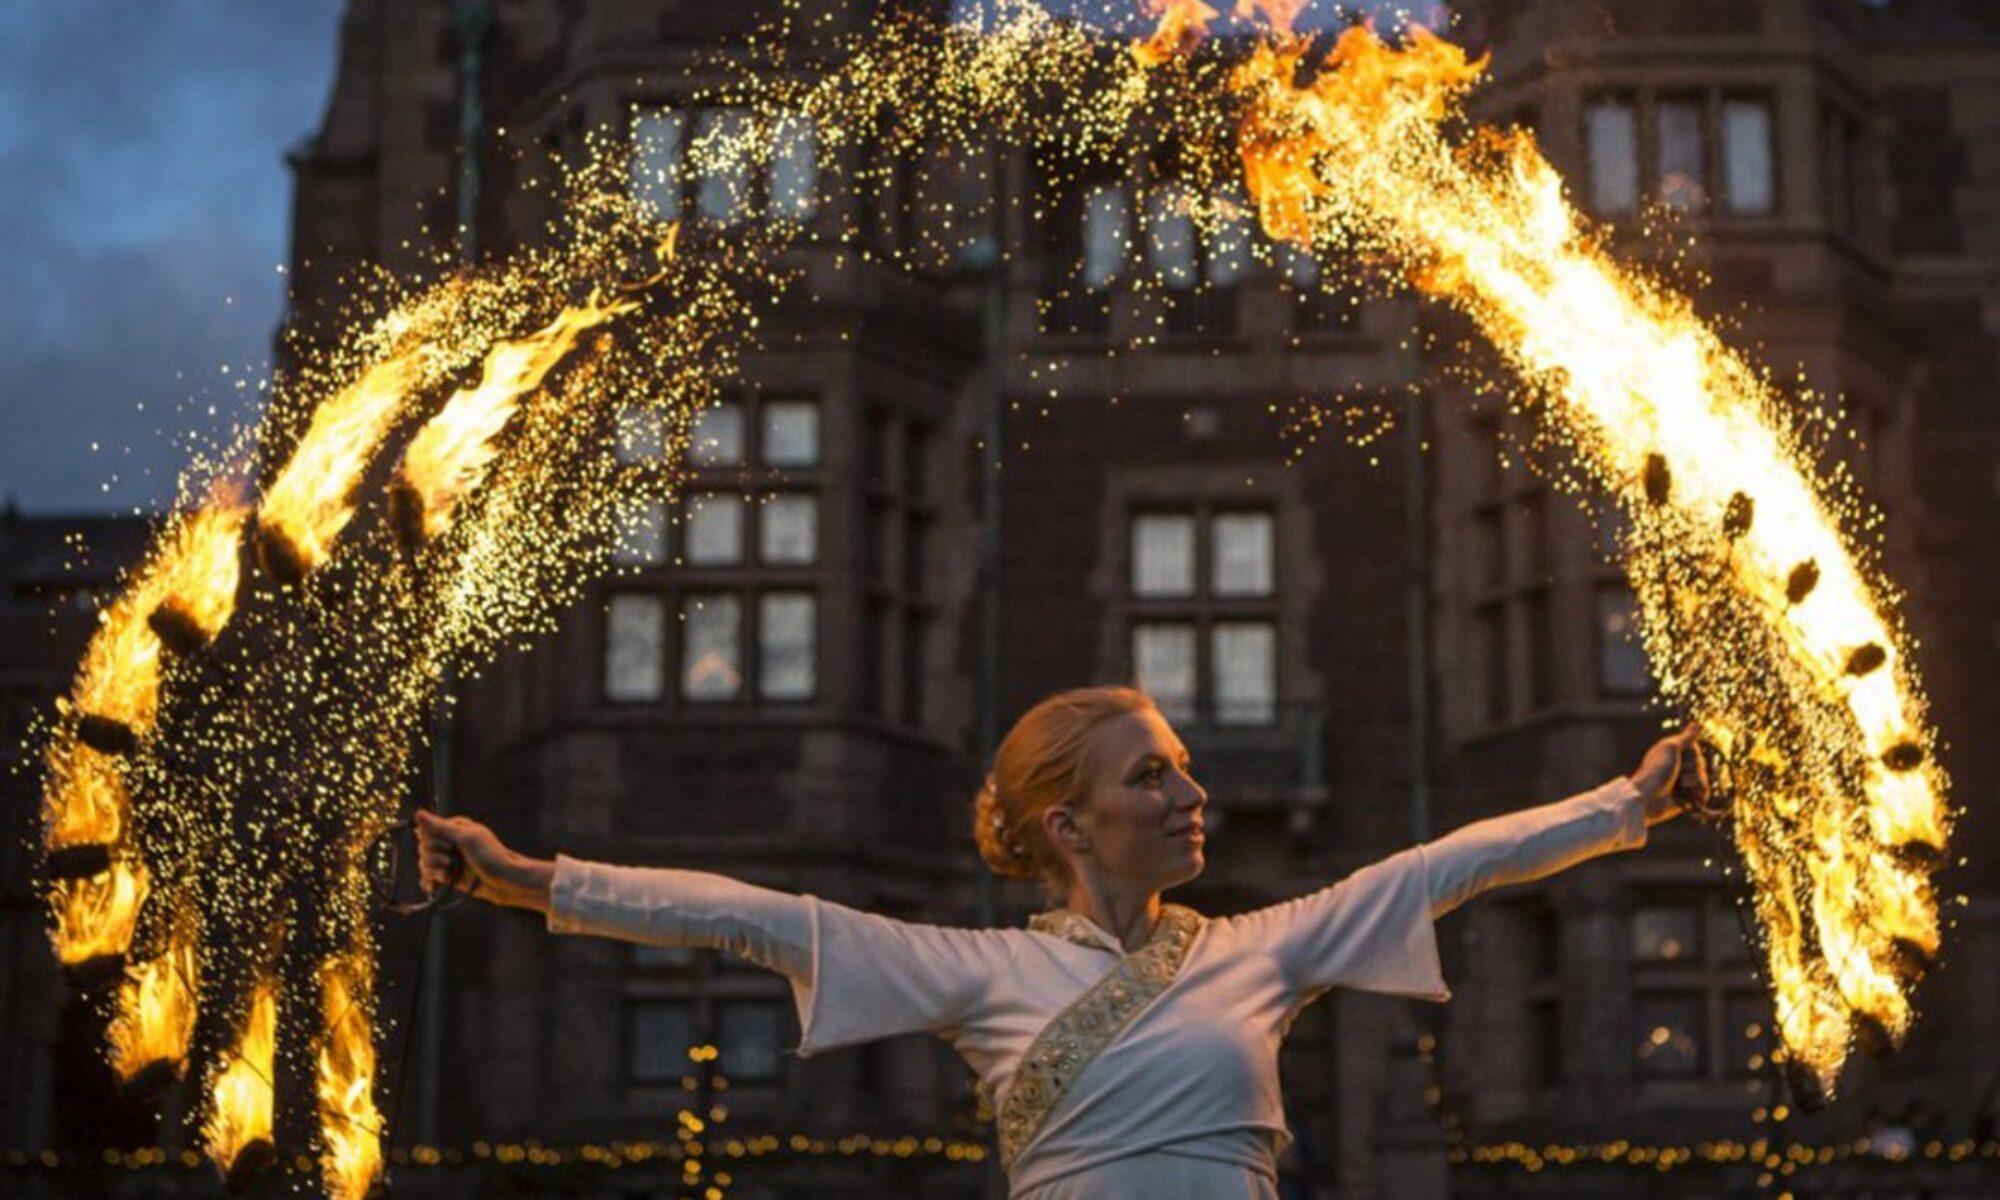 Elddansare med solfjädrar uppträder i en vacker eldshow